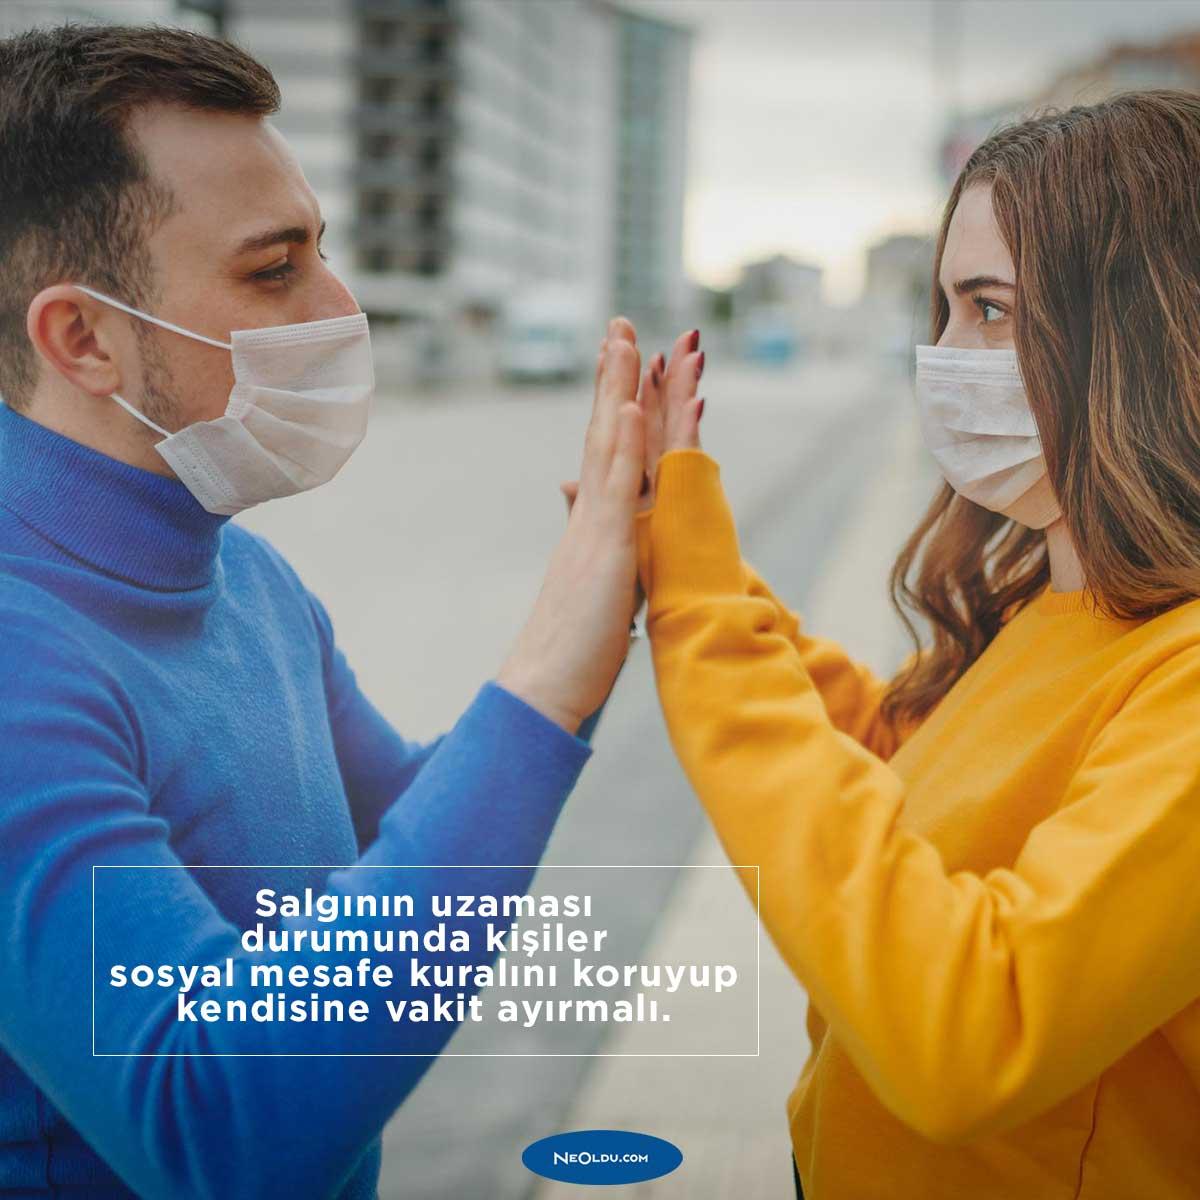 Koronavirüs Salgınında Cinsellik